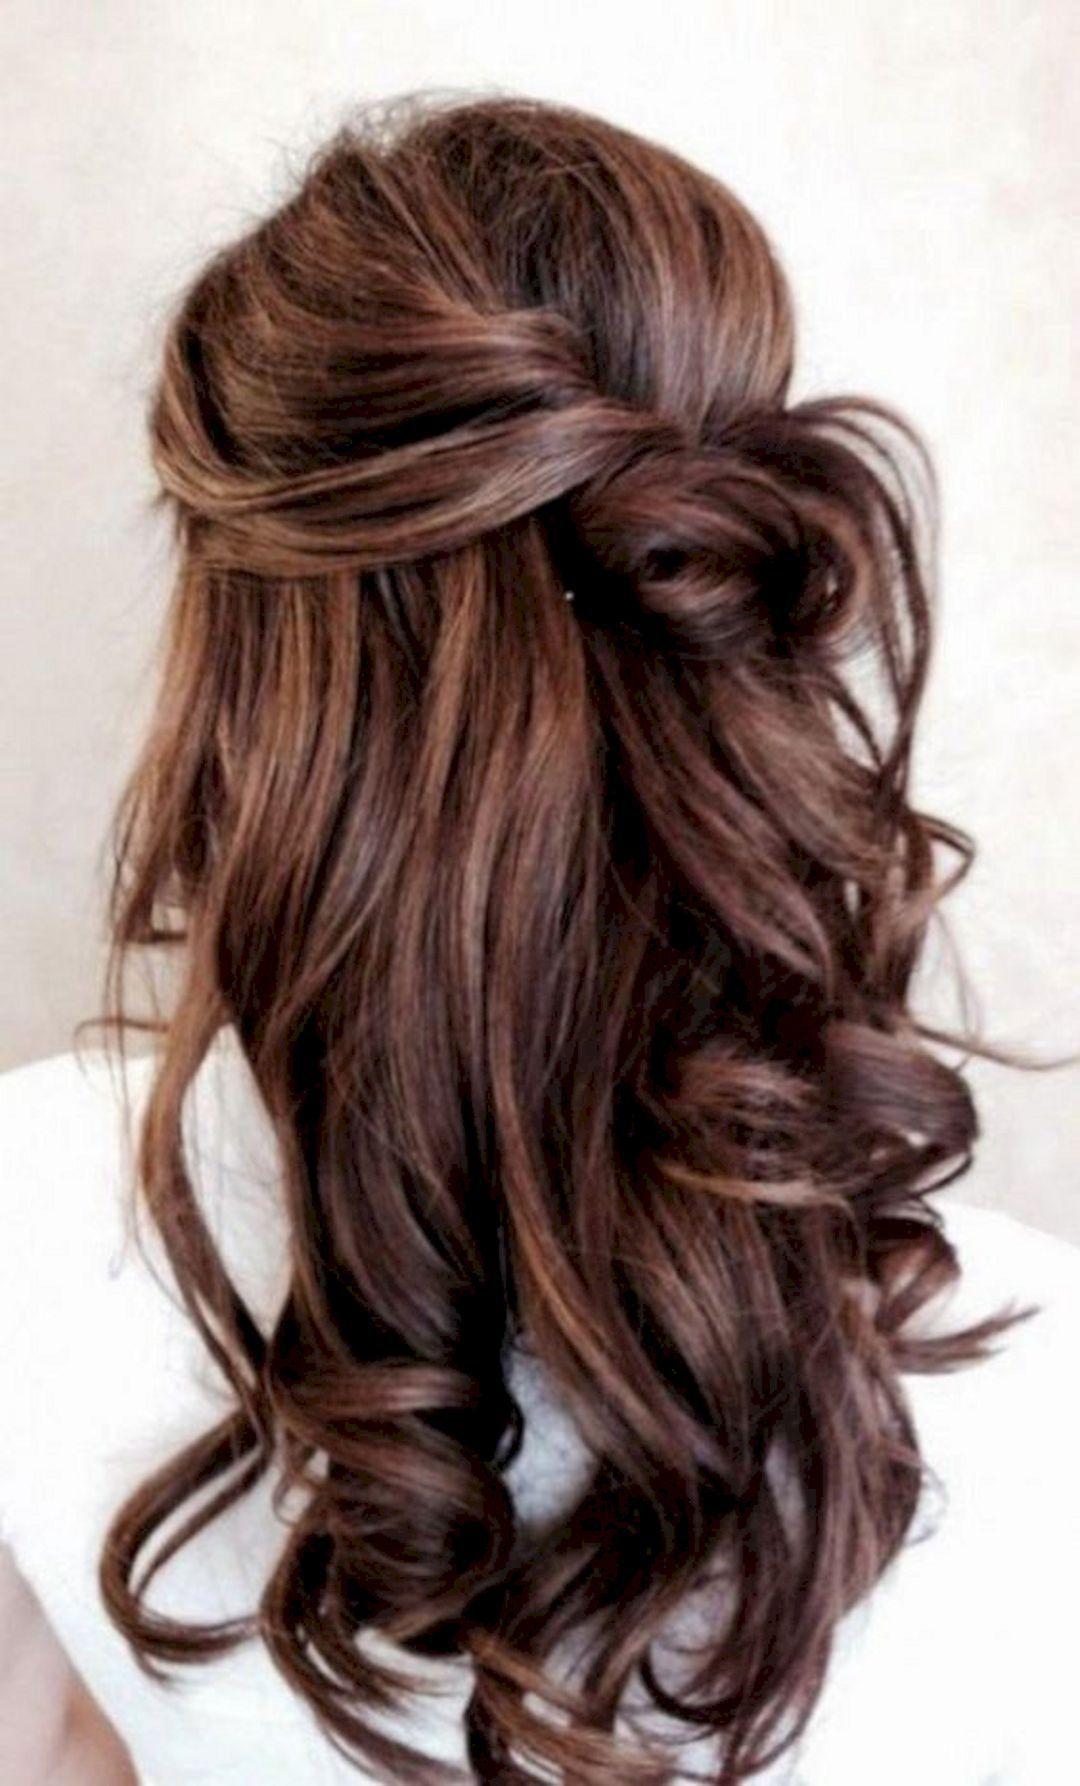 Stunning half up half down wedding hairstyles ideas no 76